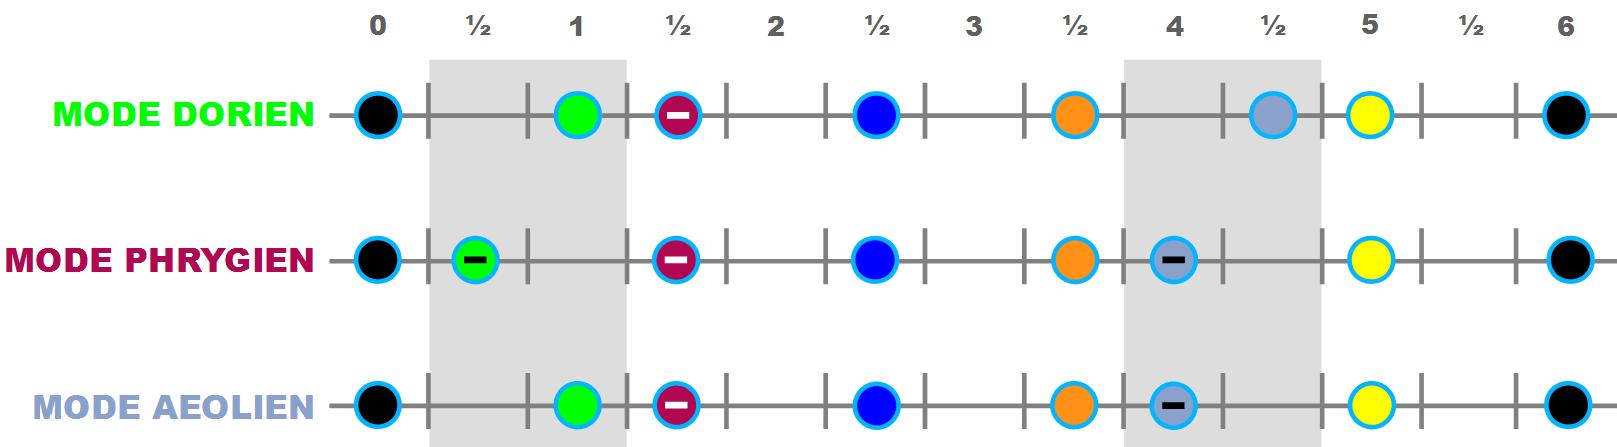 Comparaison des trois modes mineurs principaux